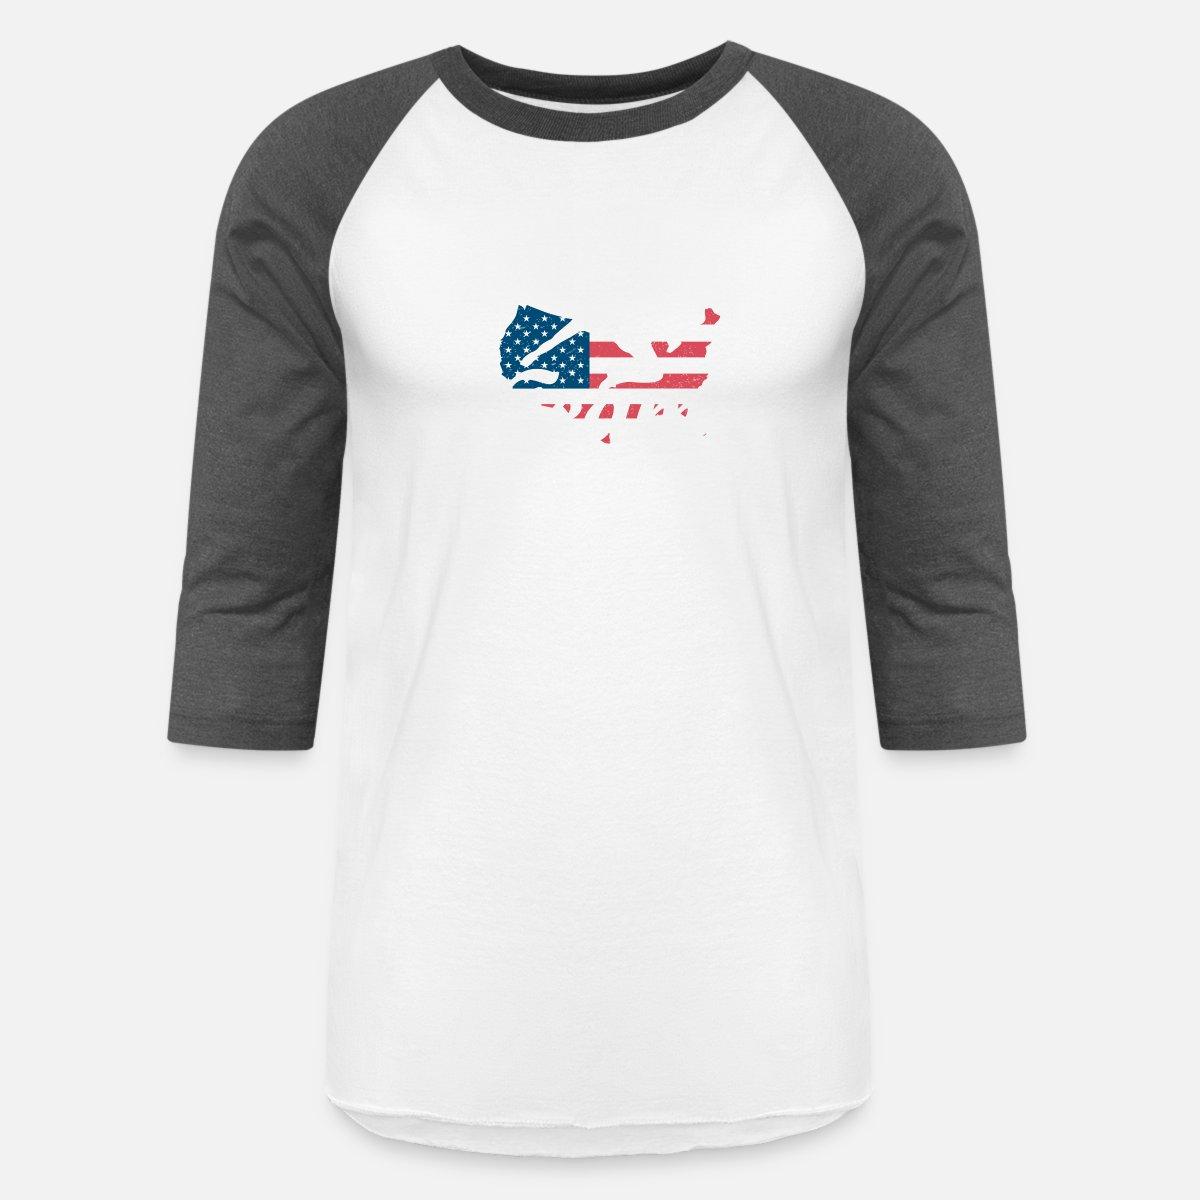 a388f1608 Team USA Soccer Unisex Baseball T-Shirt